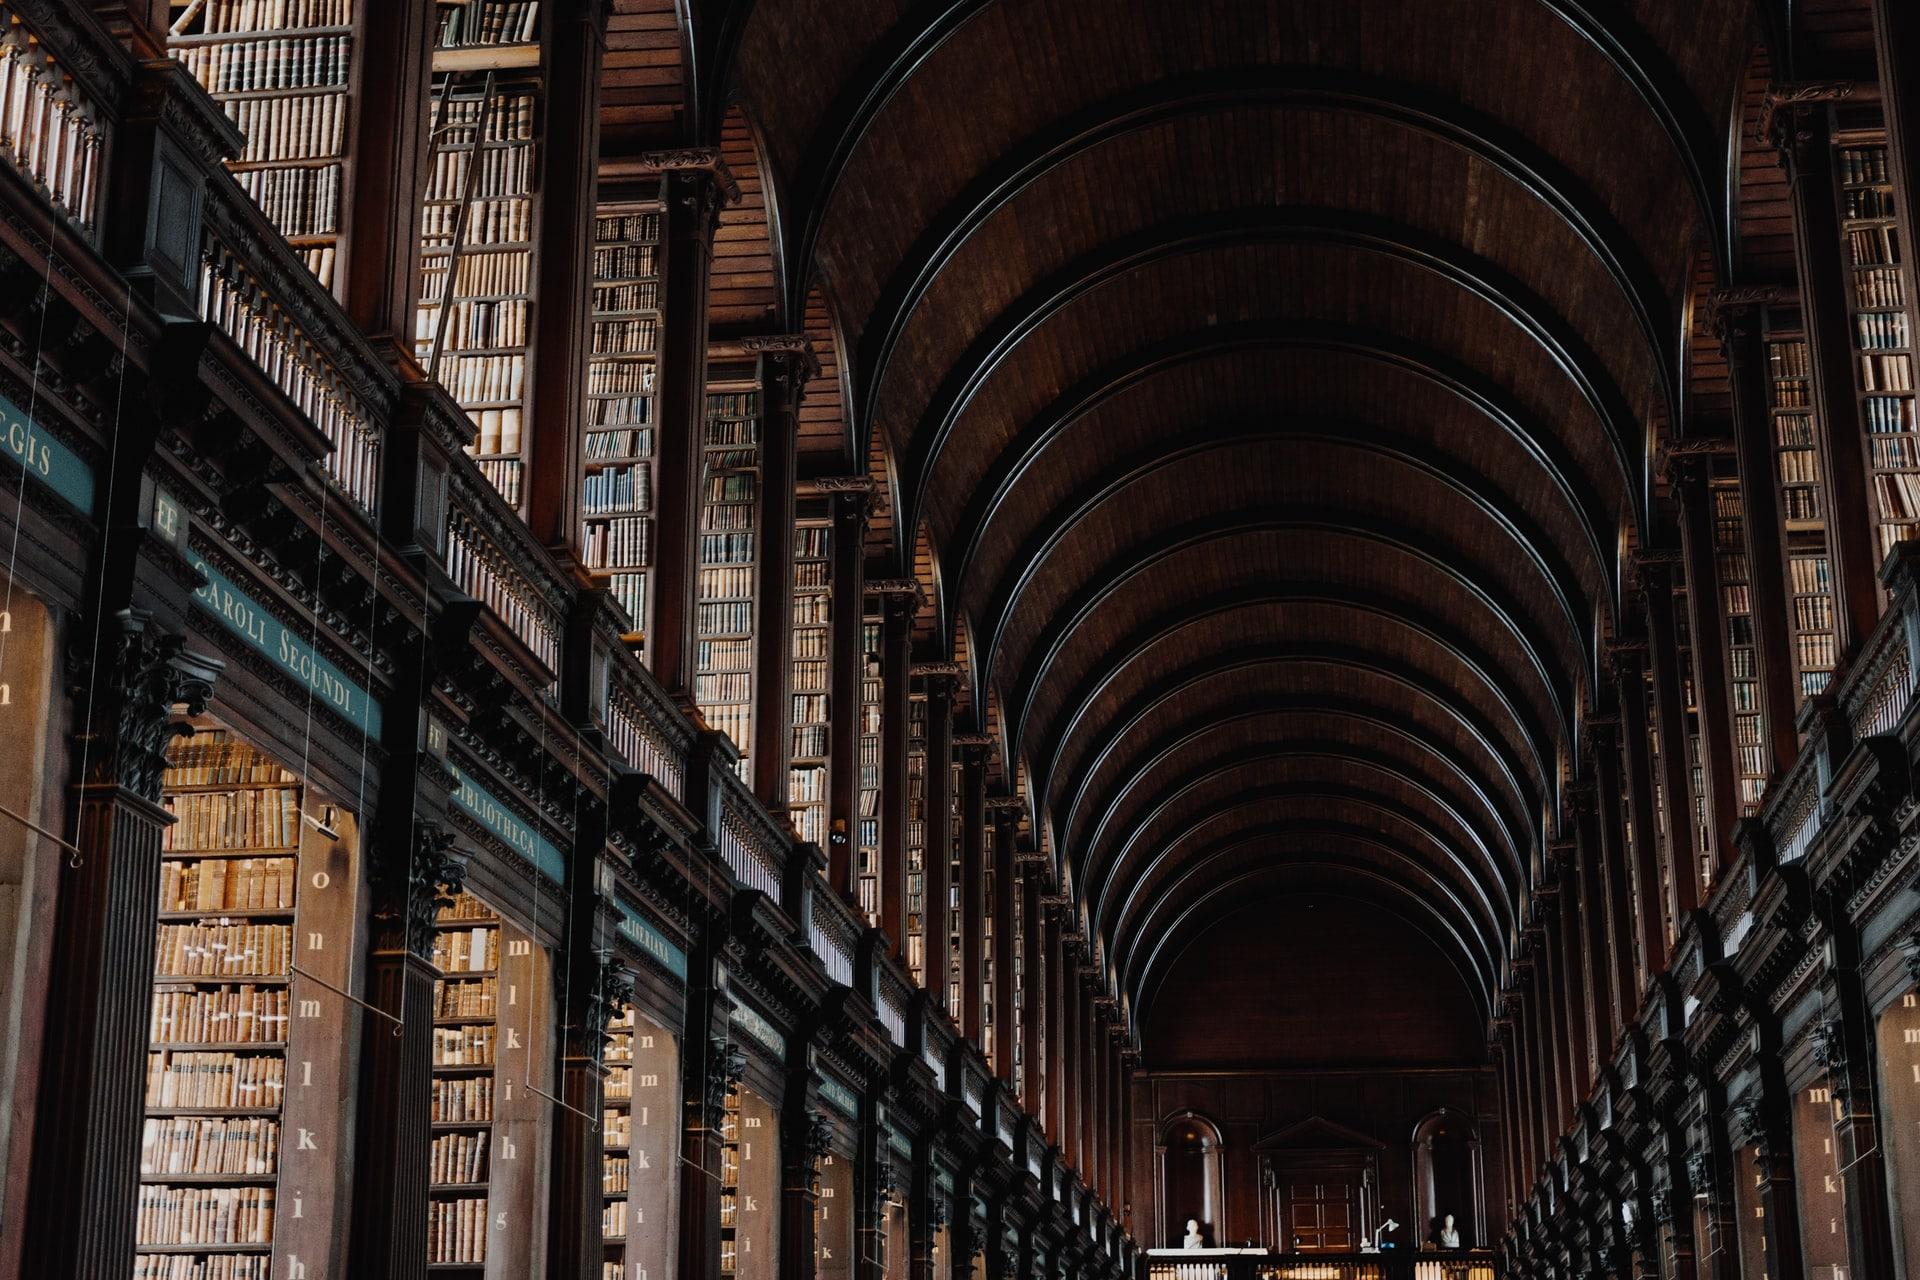 bibliothèque d'ouvrages de philosophie